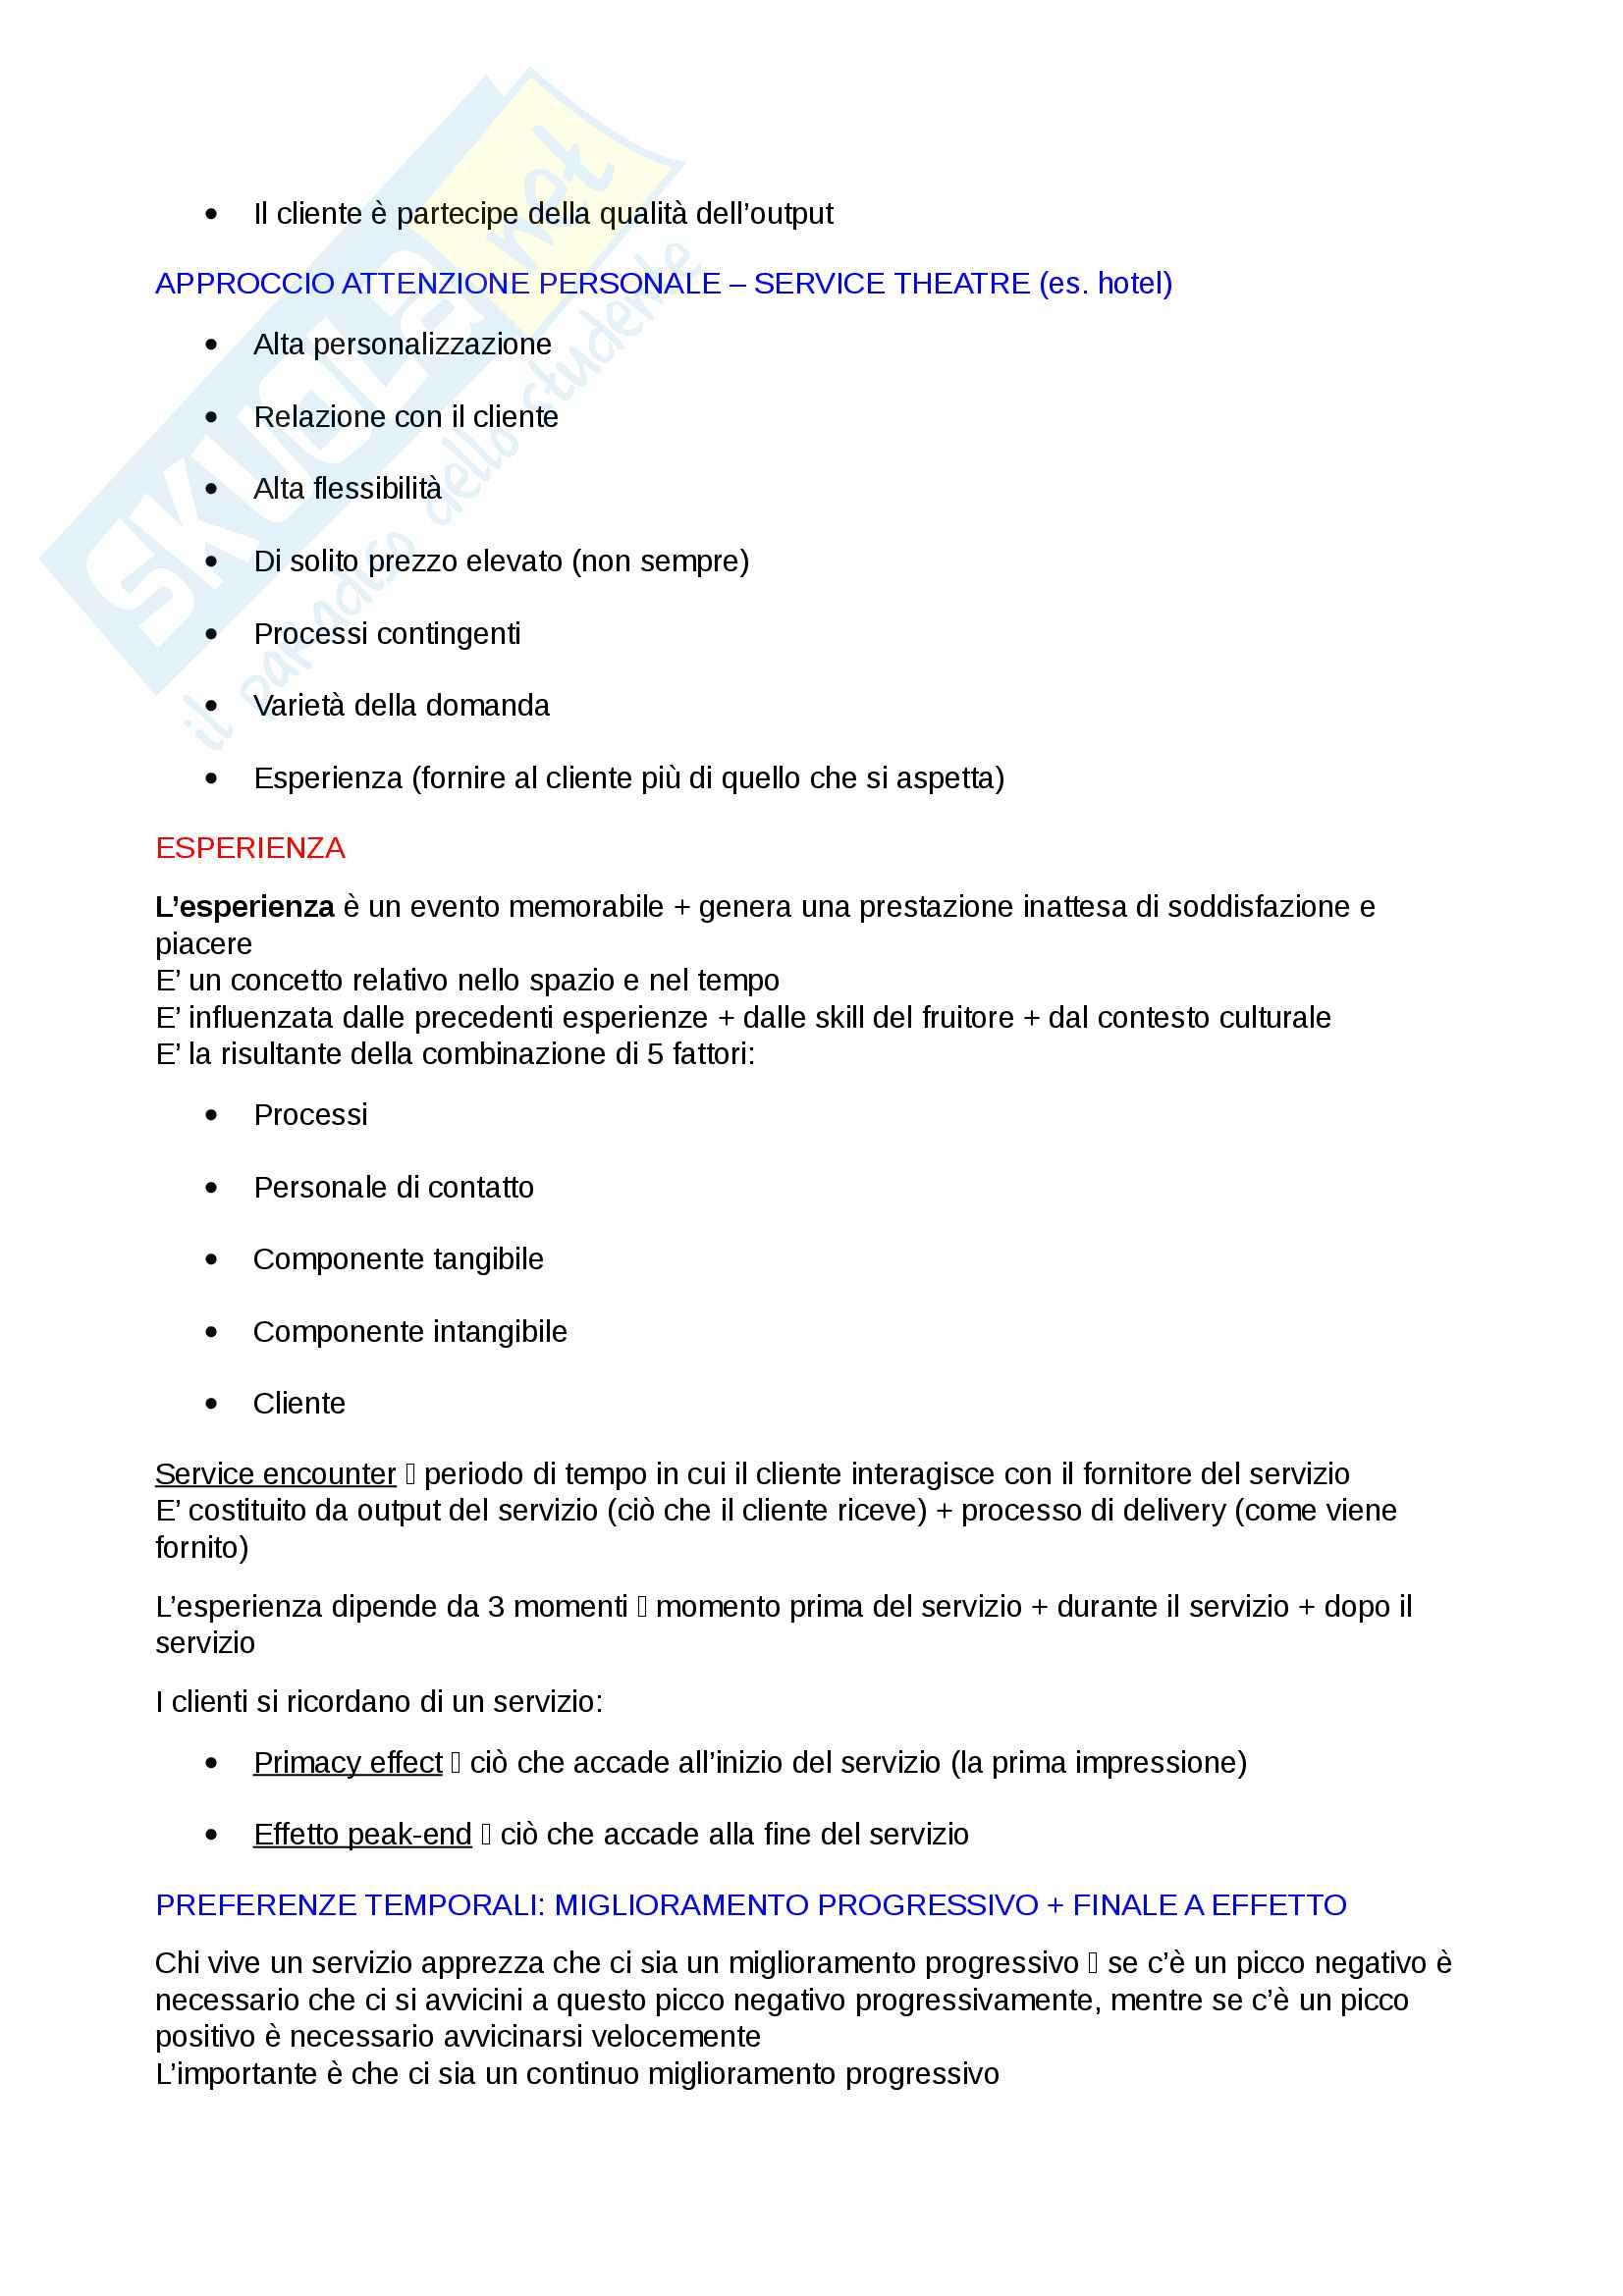 Riassunto di Gestione della Tecnologia, dell'Innovazione e delle Operations (GTIO) Pag. 31